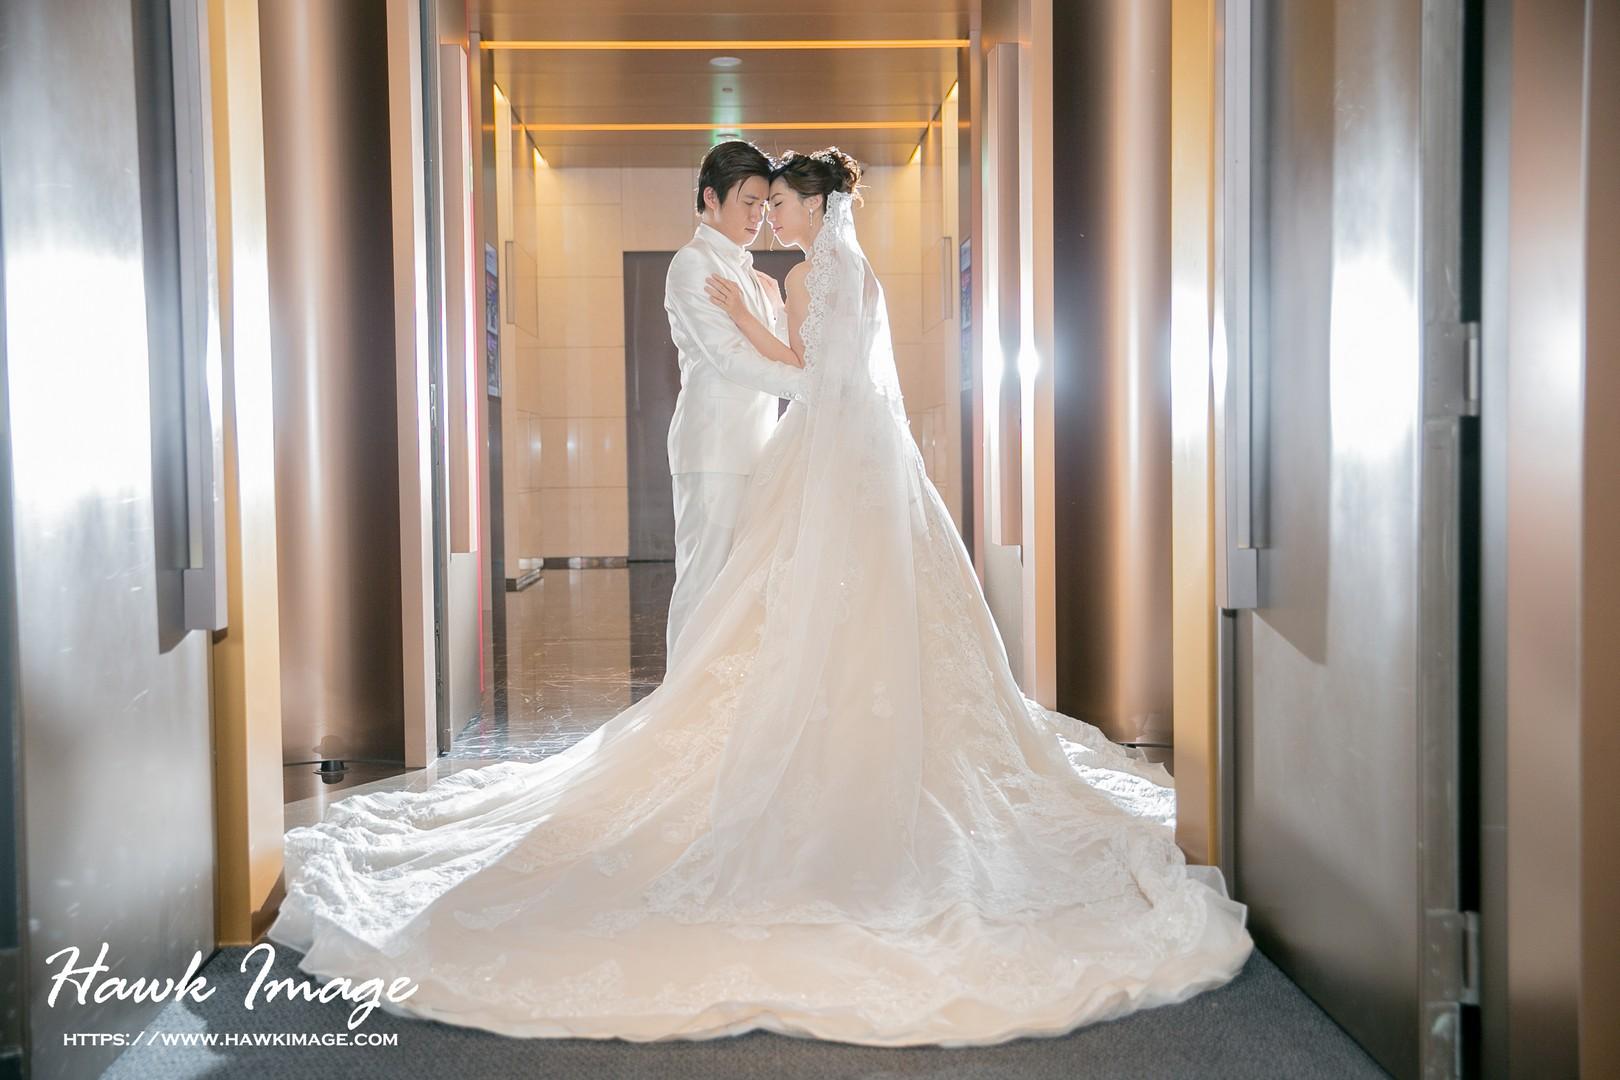 婚禮攝影 婚攝浩克